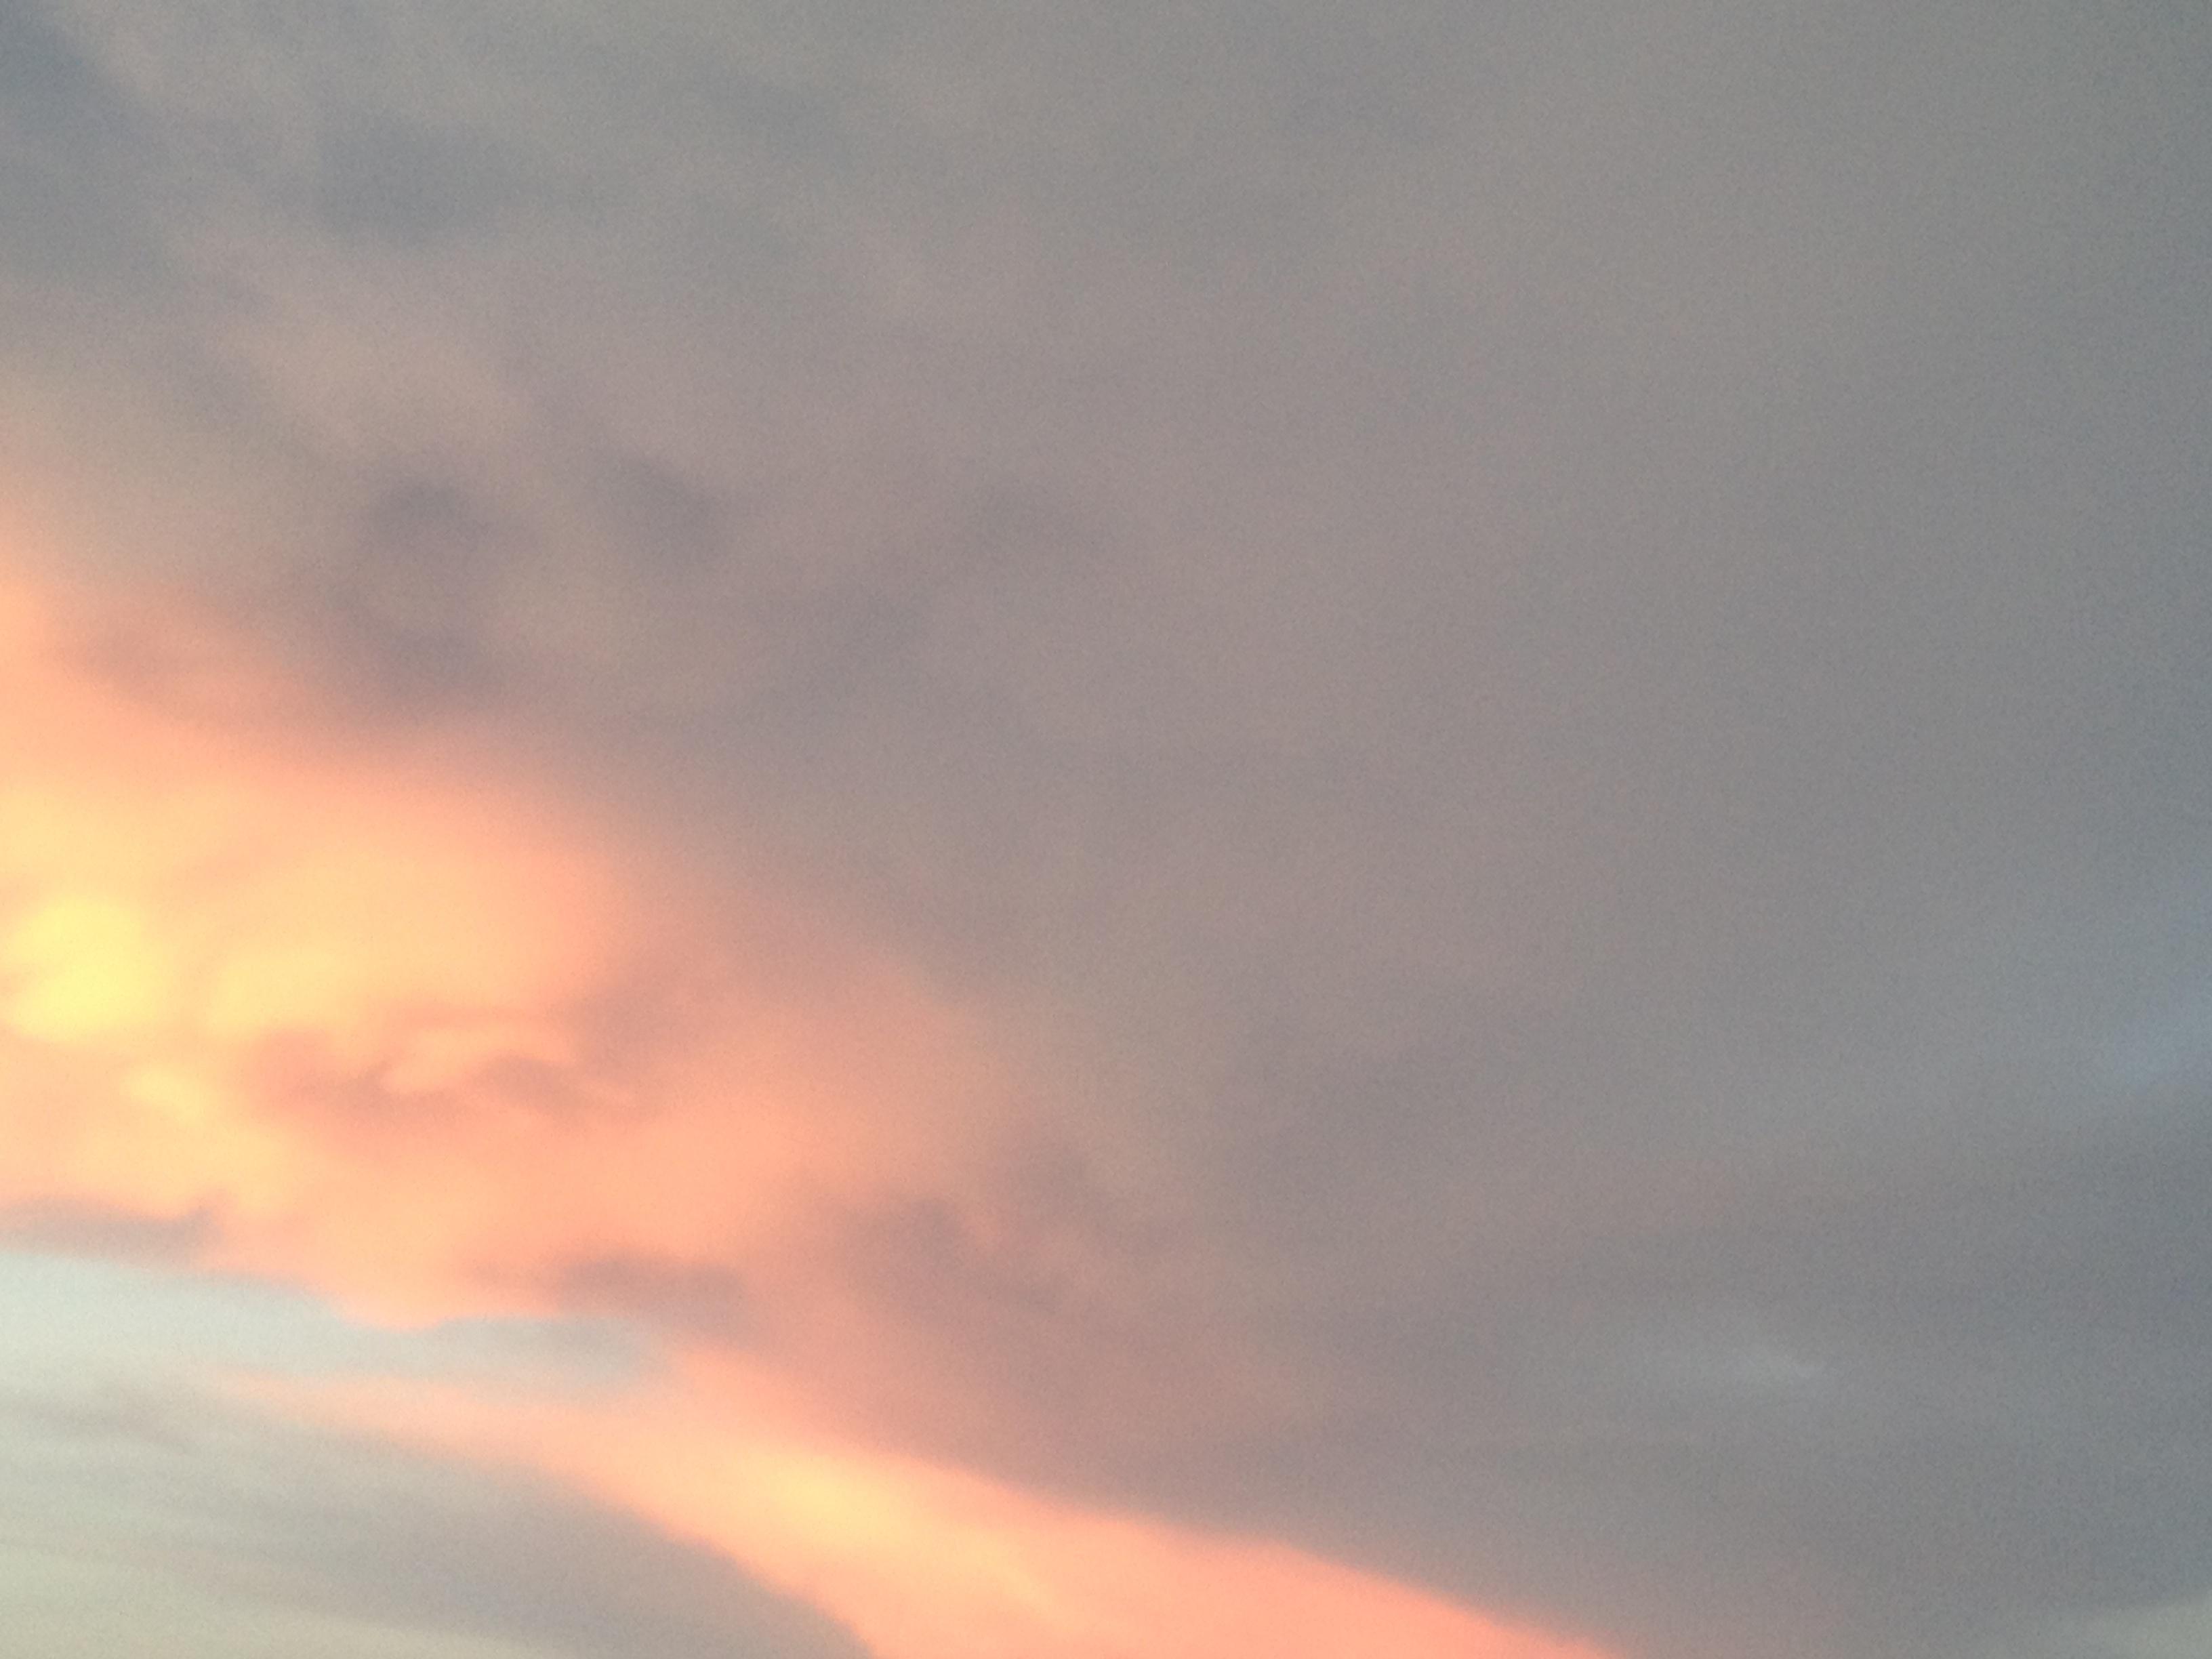 雲にまぎれた夕焼け